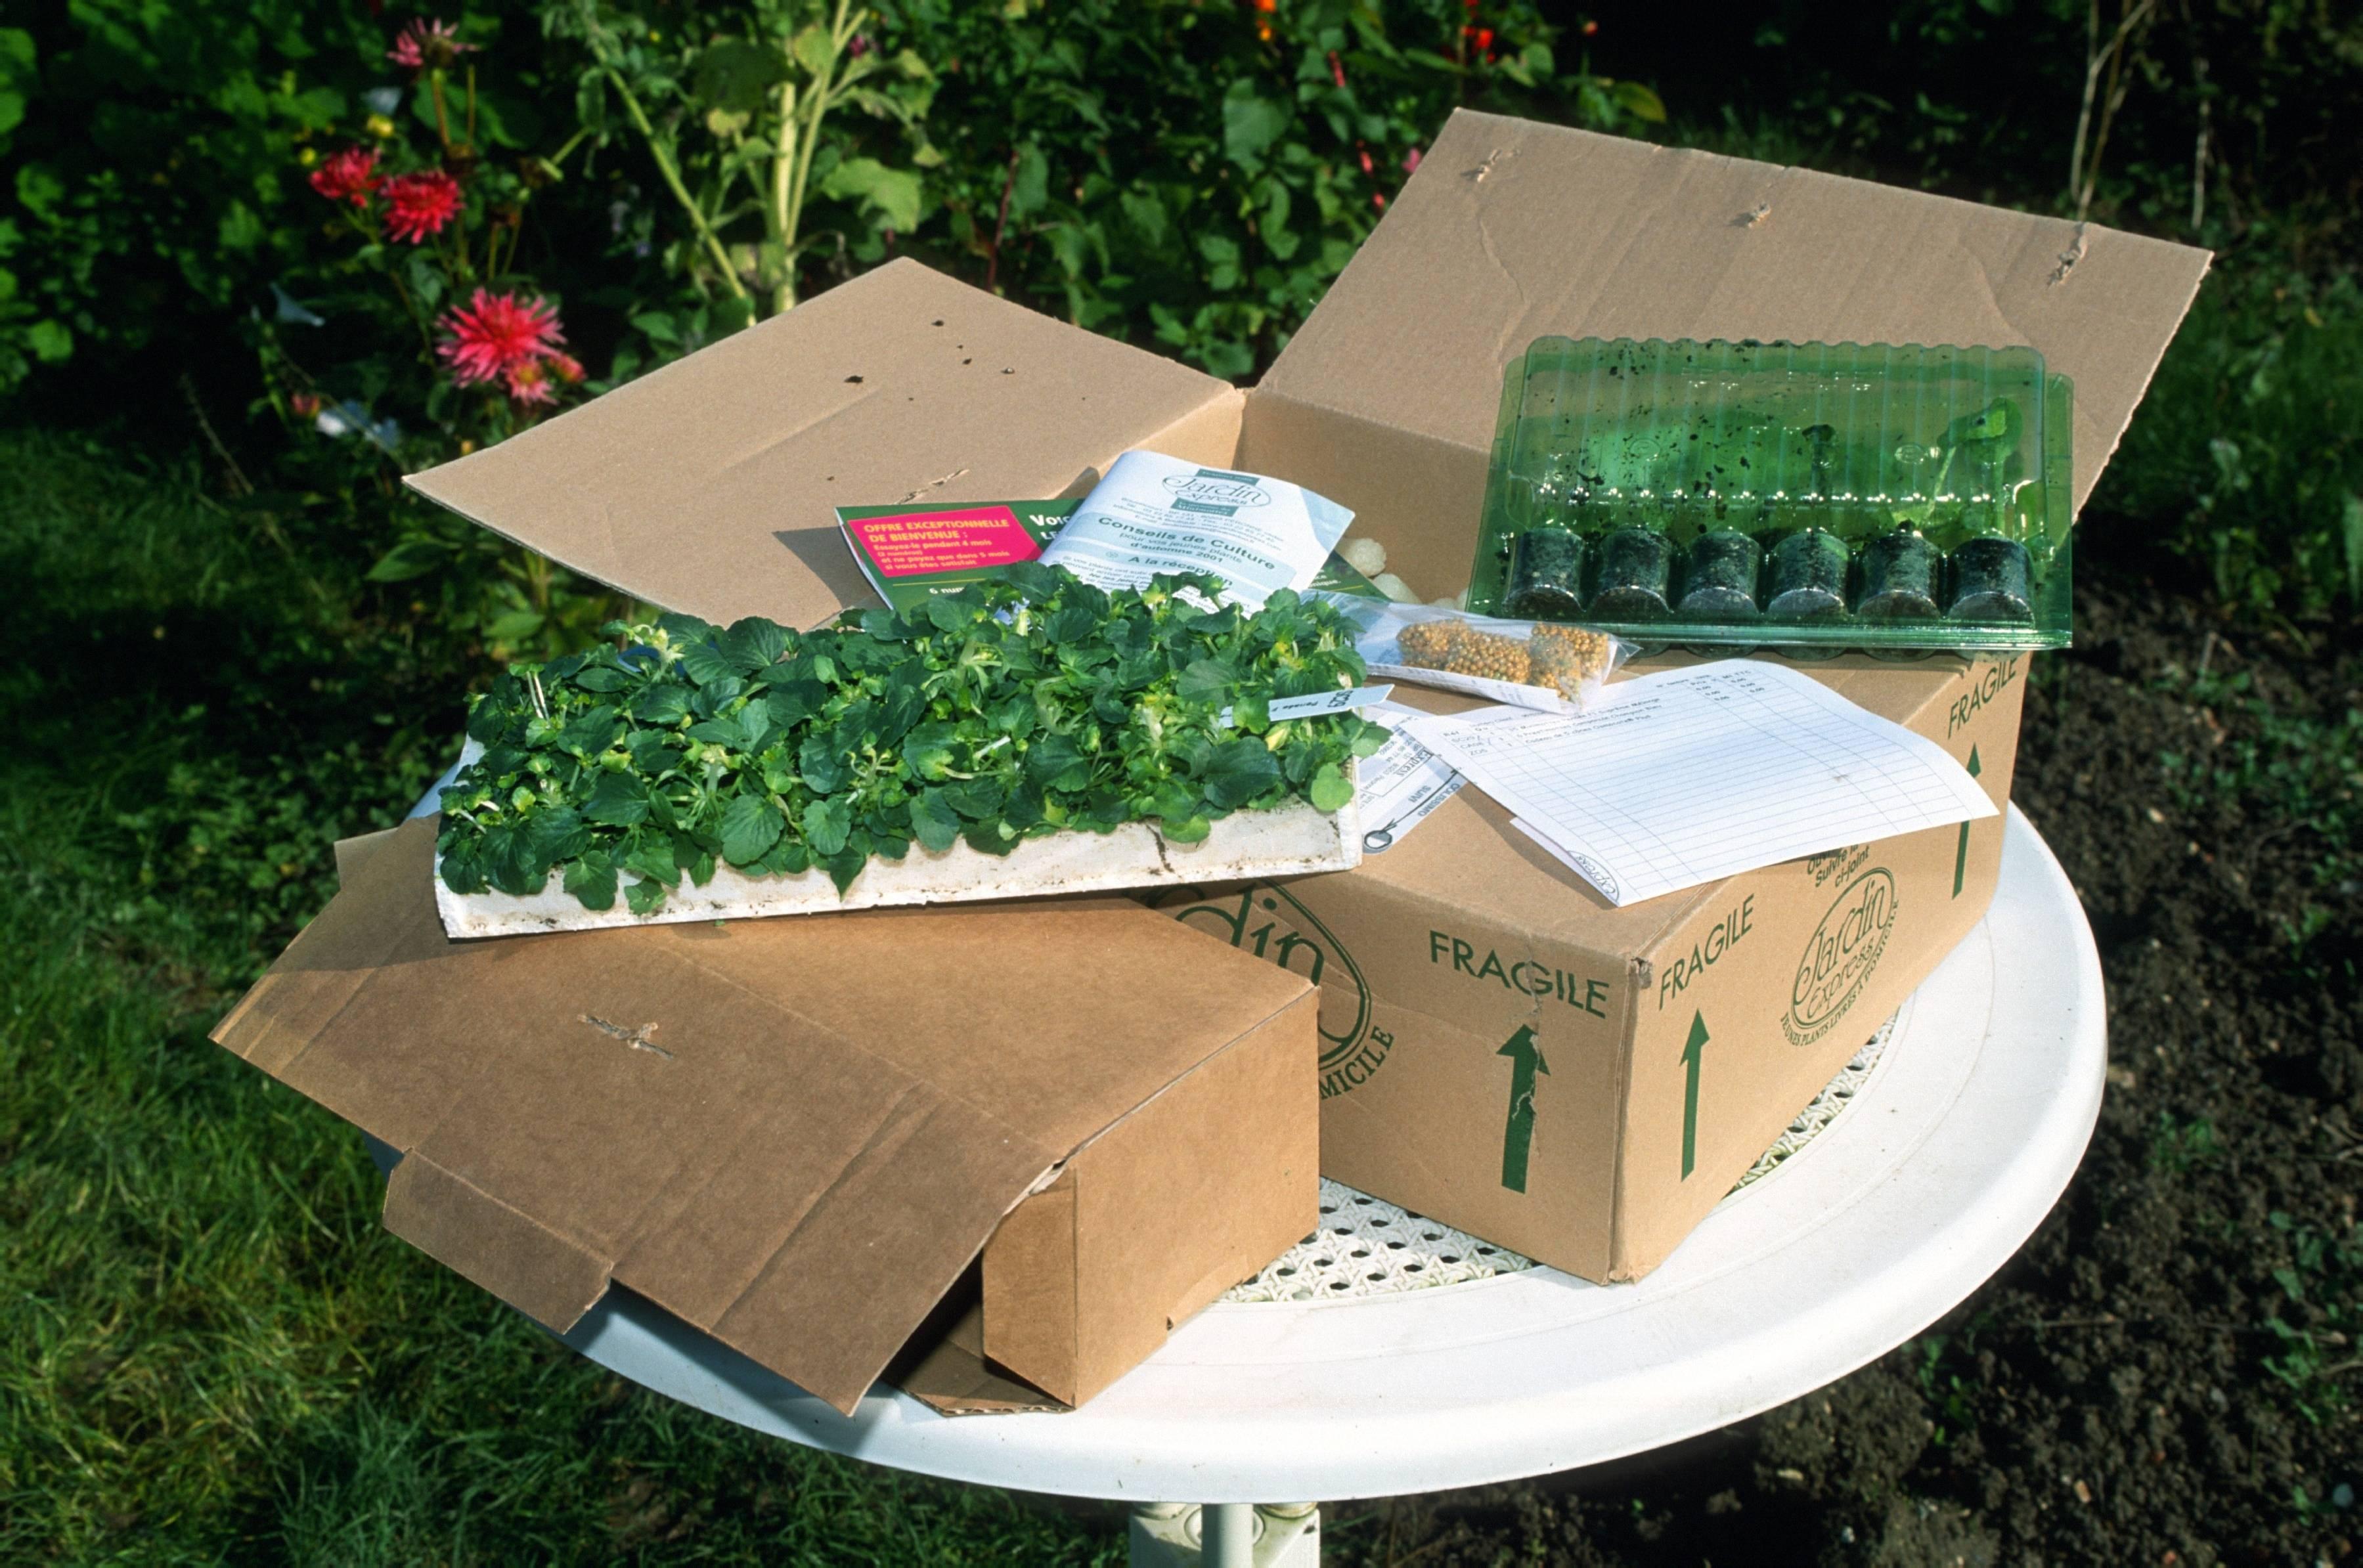 acheter des articles pour le jardin par correspondance